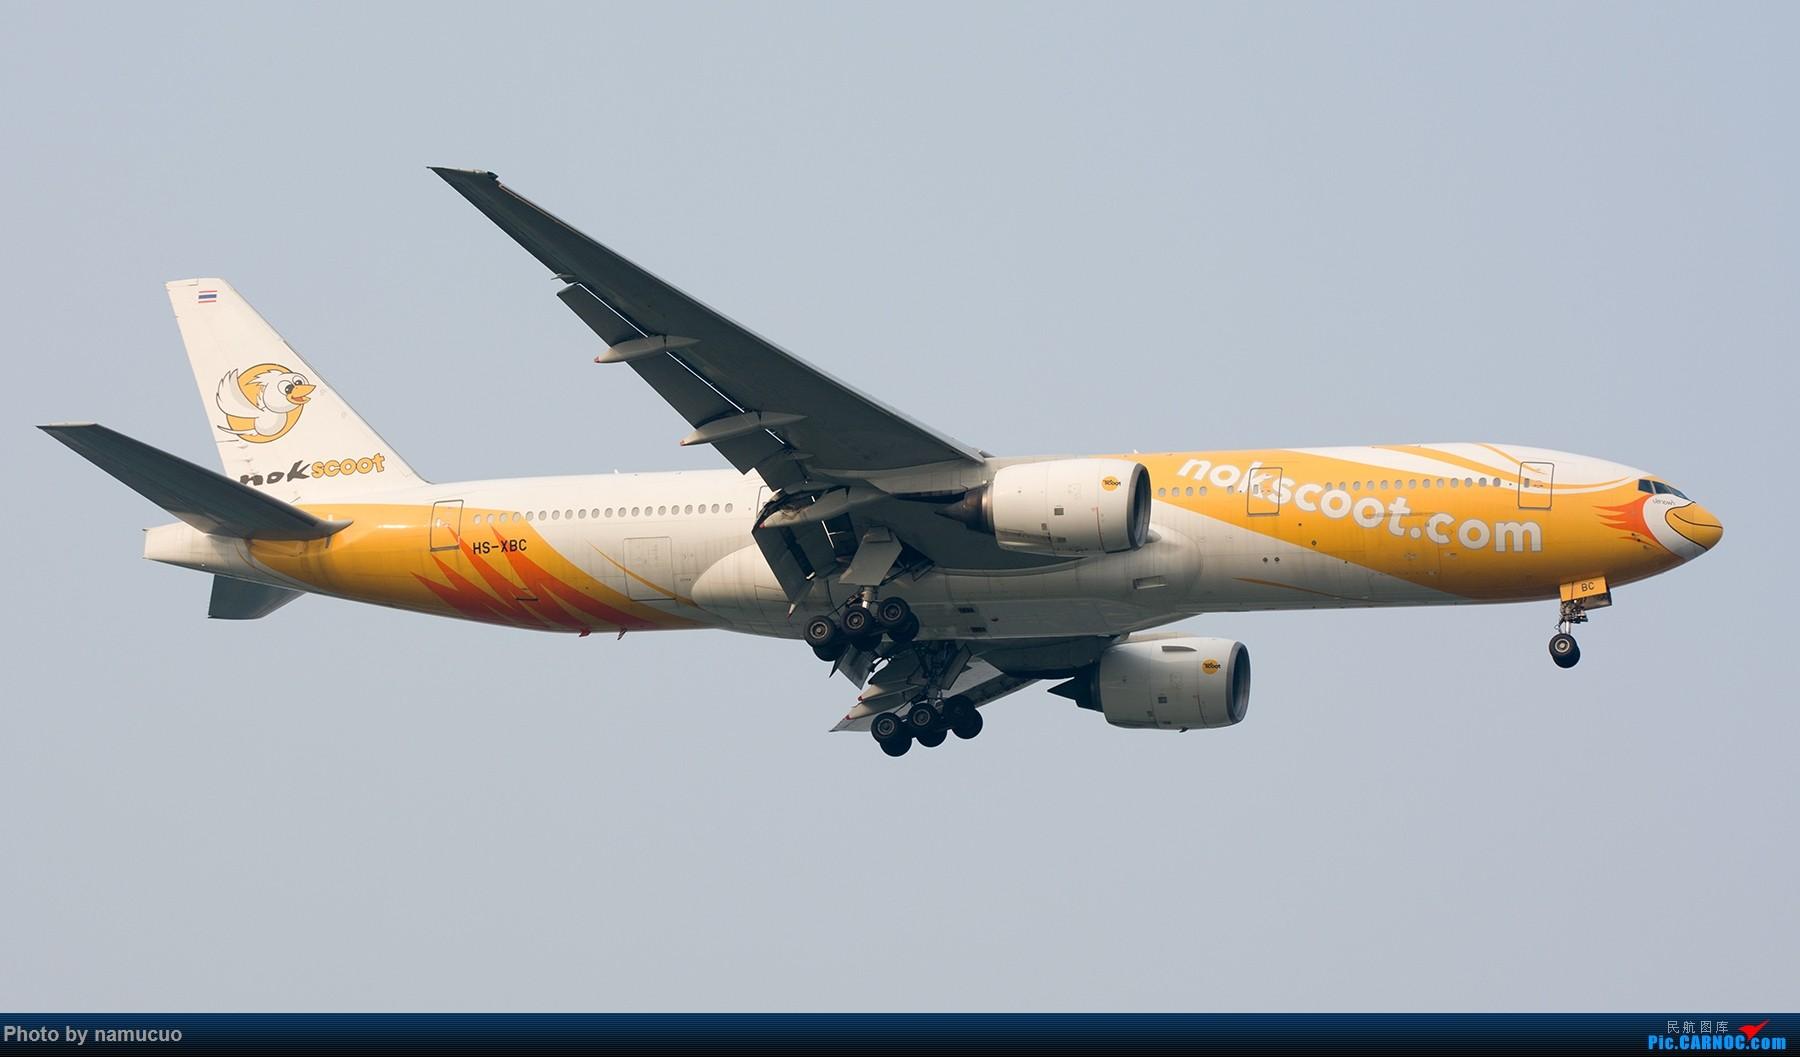 [原创]【TSN】端午黄昏等拍一小时,12架,各有各的色彩也算收获吧 BOEING 777-200 HS-XBC